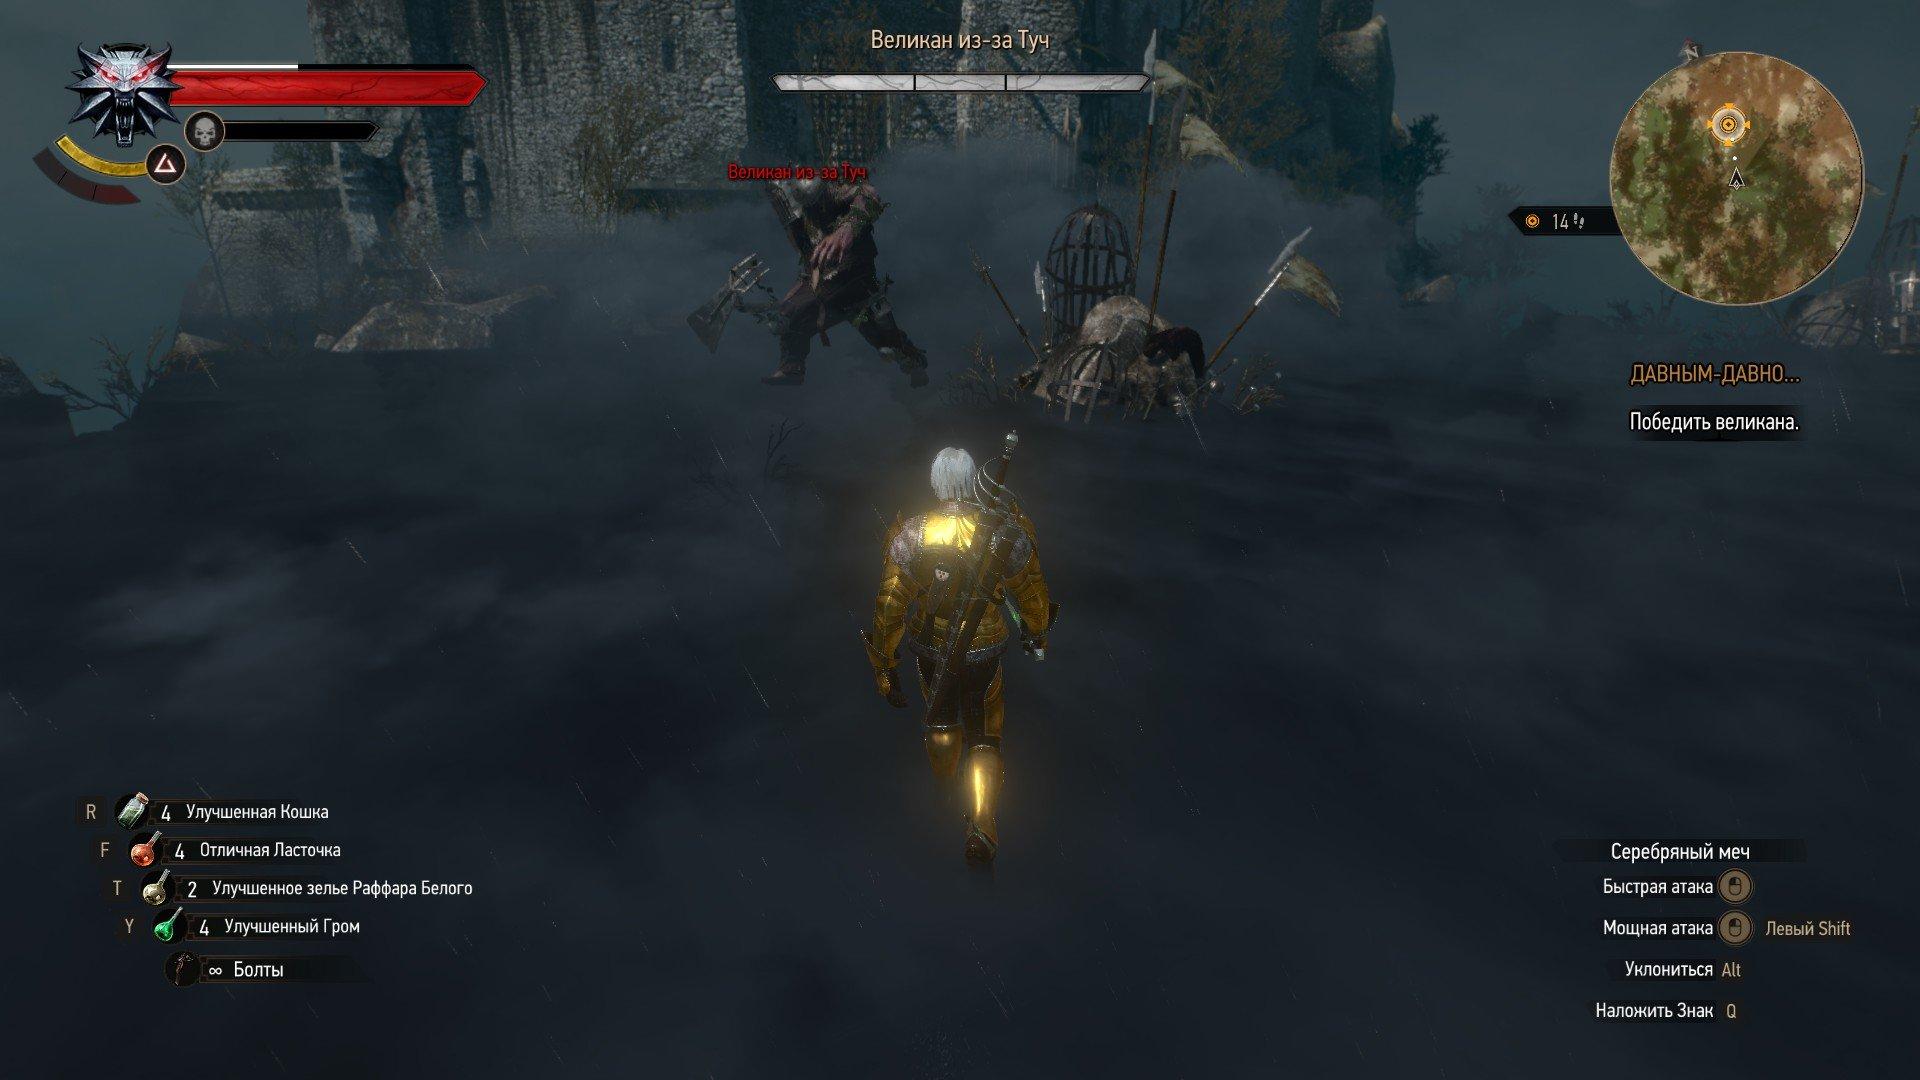 Вопль-прохождение Witcher 3: Кровь и Вино ... ФИНАЛ!!! [ВНИМАНИЕ, СПОЙЛЕРЫ] - Изображение 29